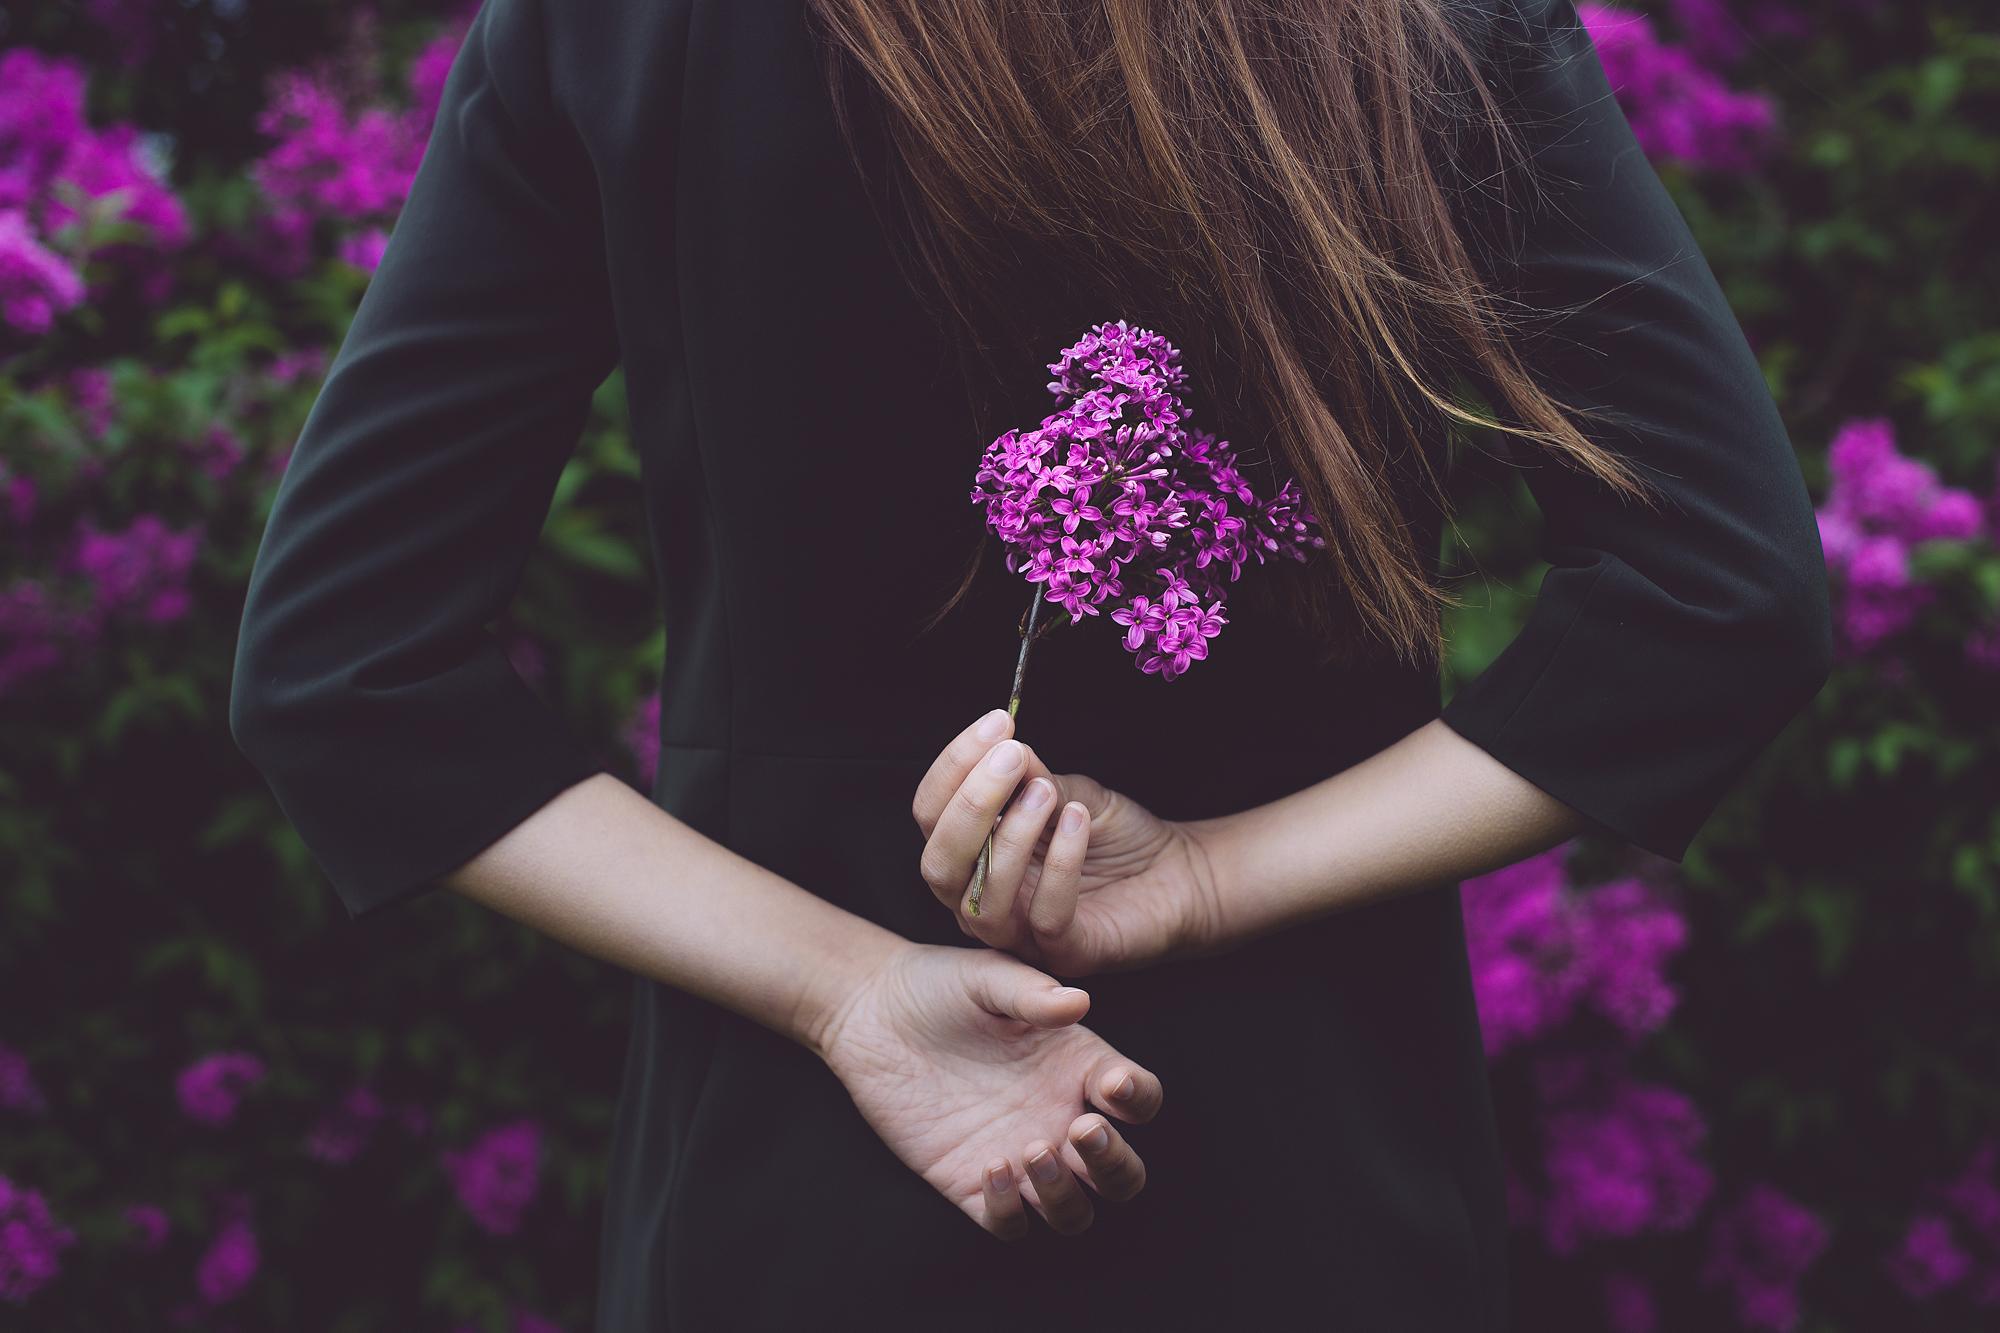 Картинки девушки с цветами со спины, картинка новый год